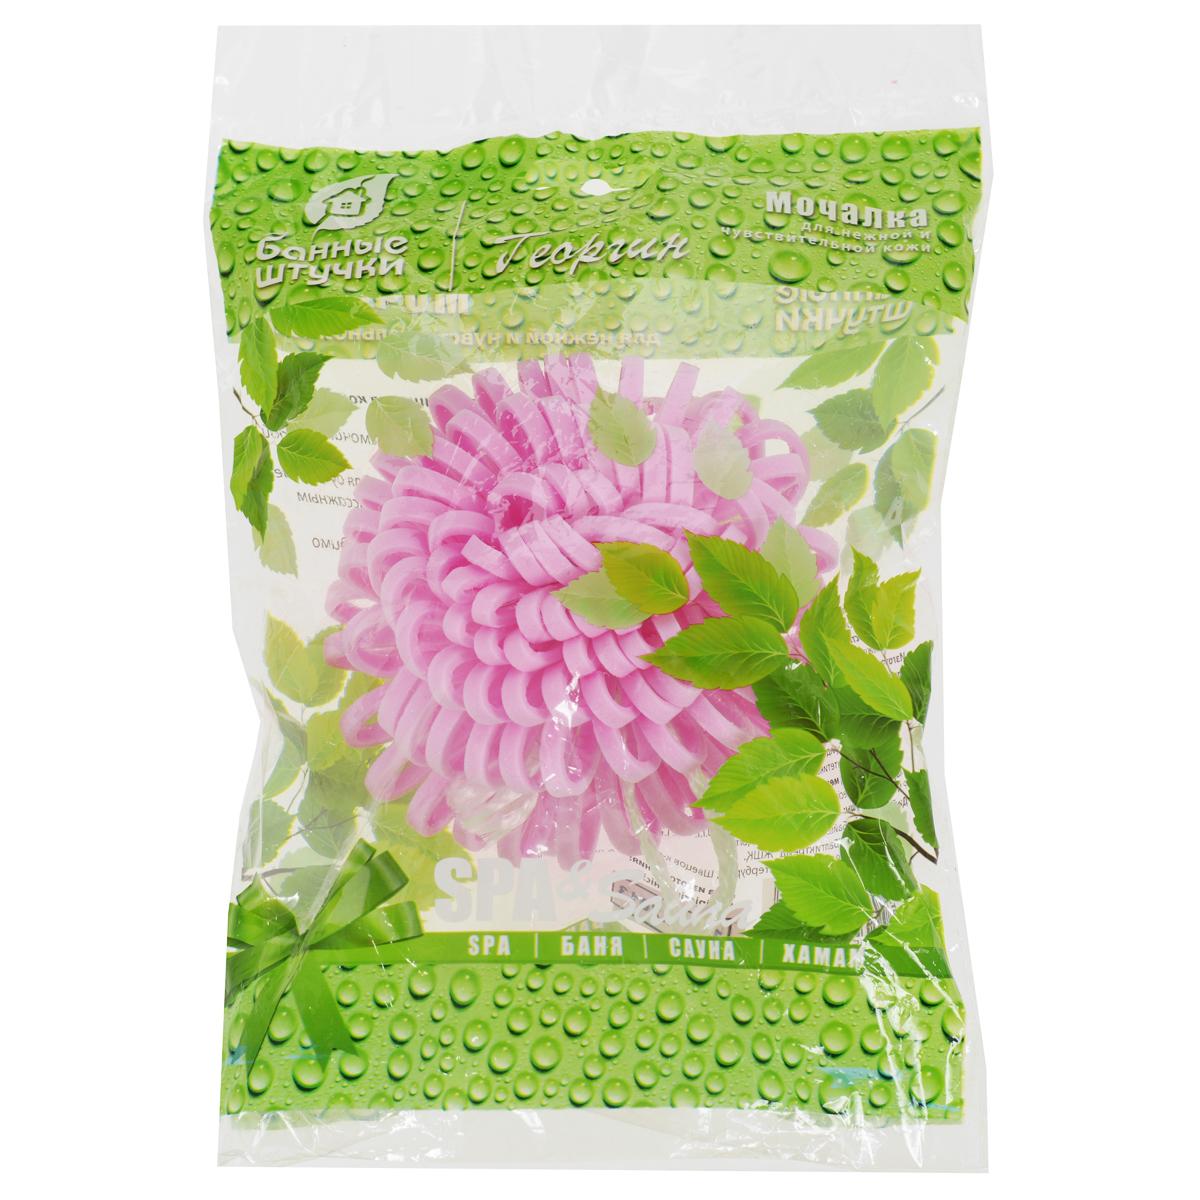 Мочалка Банные штучки Георгин для нежной и чувствительной кожи, цвет: розовый40087_розовыйМочалка Банные штучки Георгин изготовлена из синтетического полимера в виде цветка георгина. Она подходит для нежной и чувствительной кожи. Прекрасно взбивает мыло и гель для душа, дает обильную пену, обладает легким массажным воздействием. На мочалке имеется удобная петля для подвешивания. Перед применением мочалку необходимо смочить водой, и она станет мягкой.Мочалка Георгин станет незаменимым аксессуаром в ванной комнате.